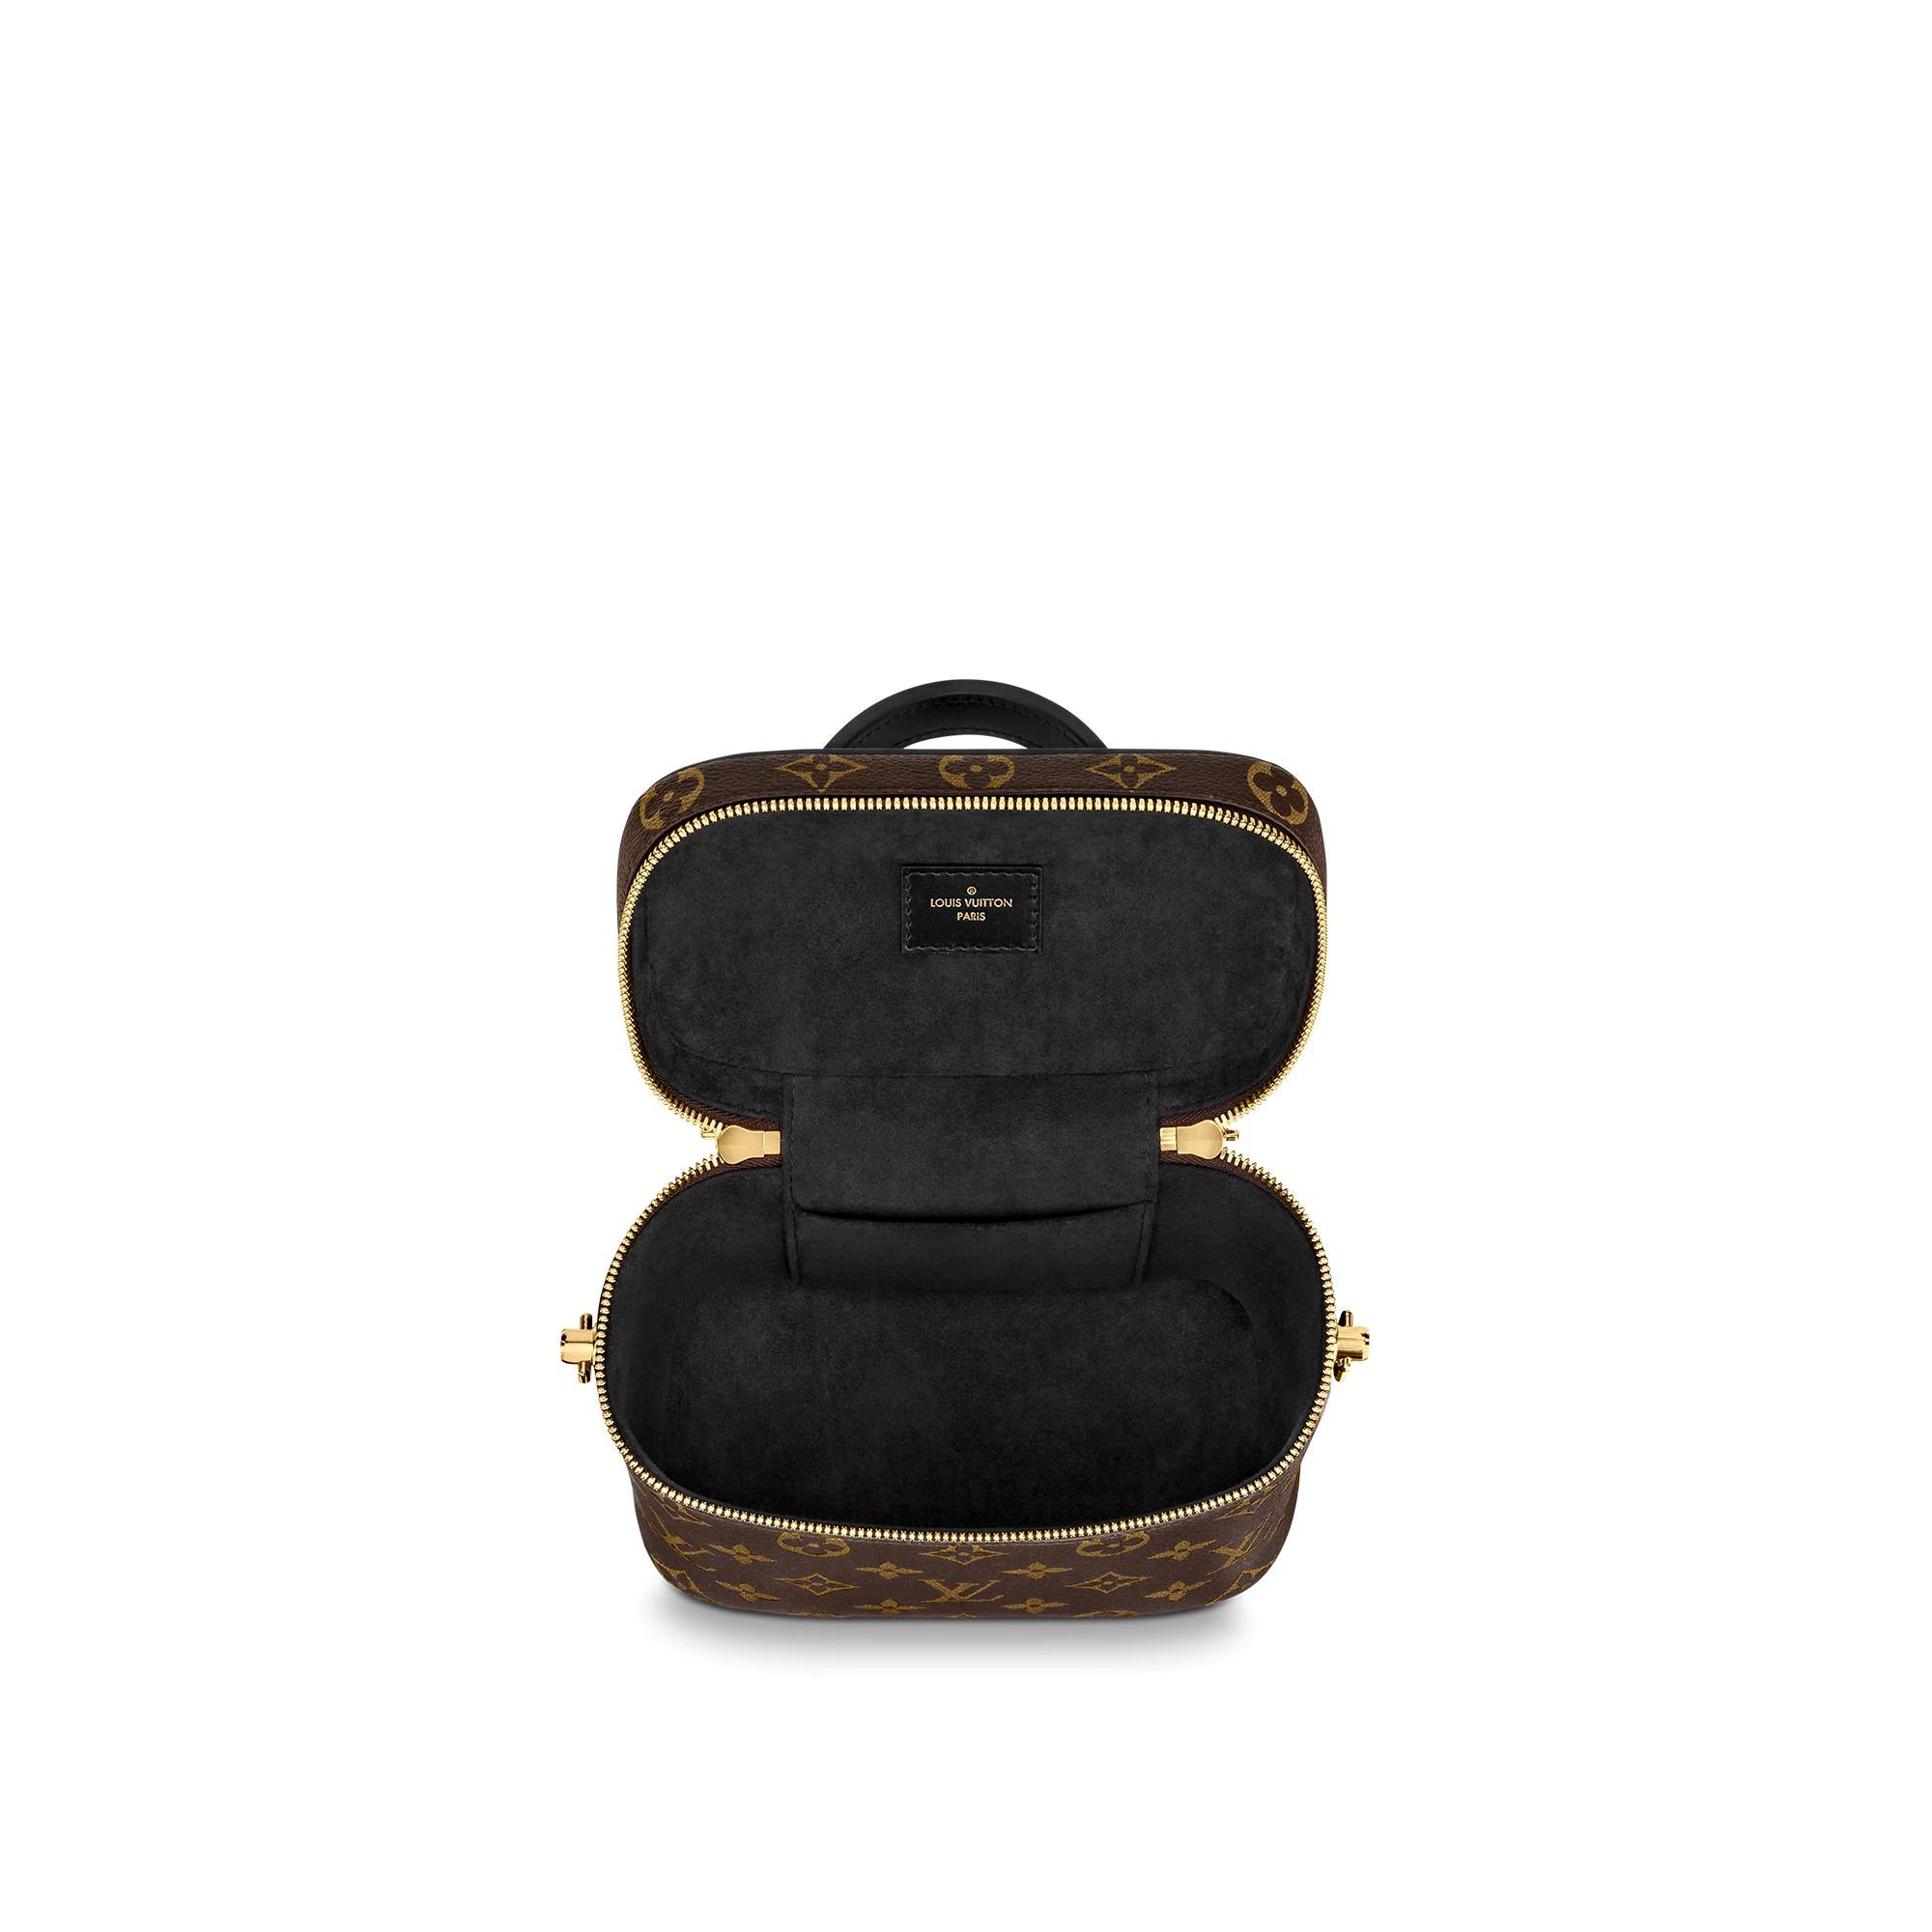 유럽직배송 루이비통 LOUIS VUITTON Vanity PM M45165